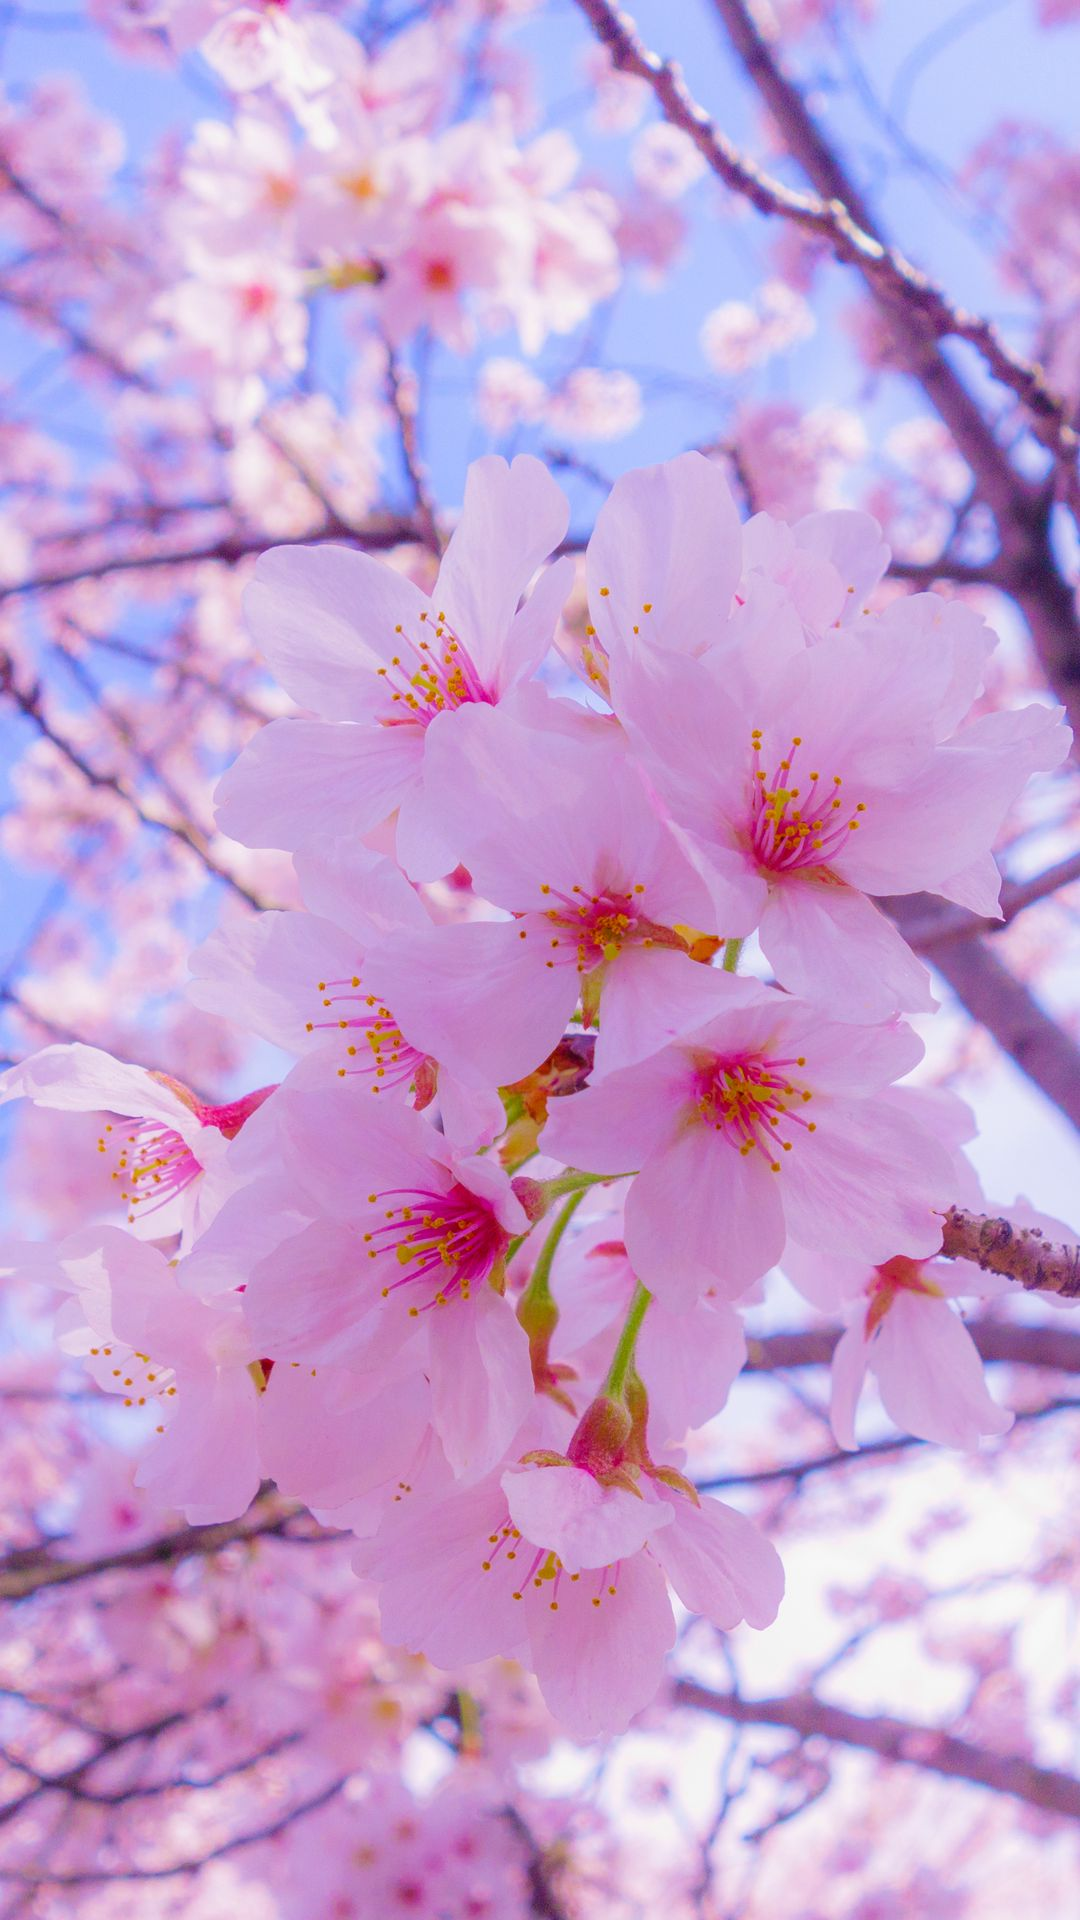 1080x1920 Обои сакура, цветы, цветение, весна, розовый